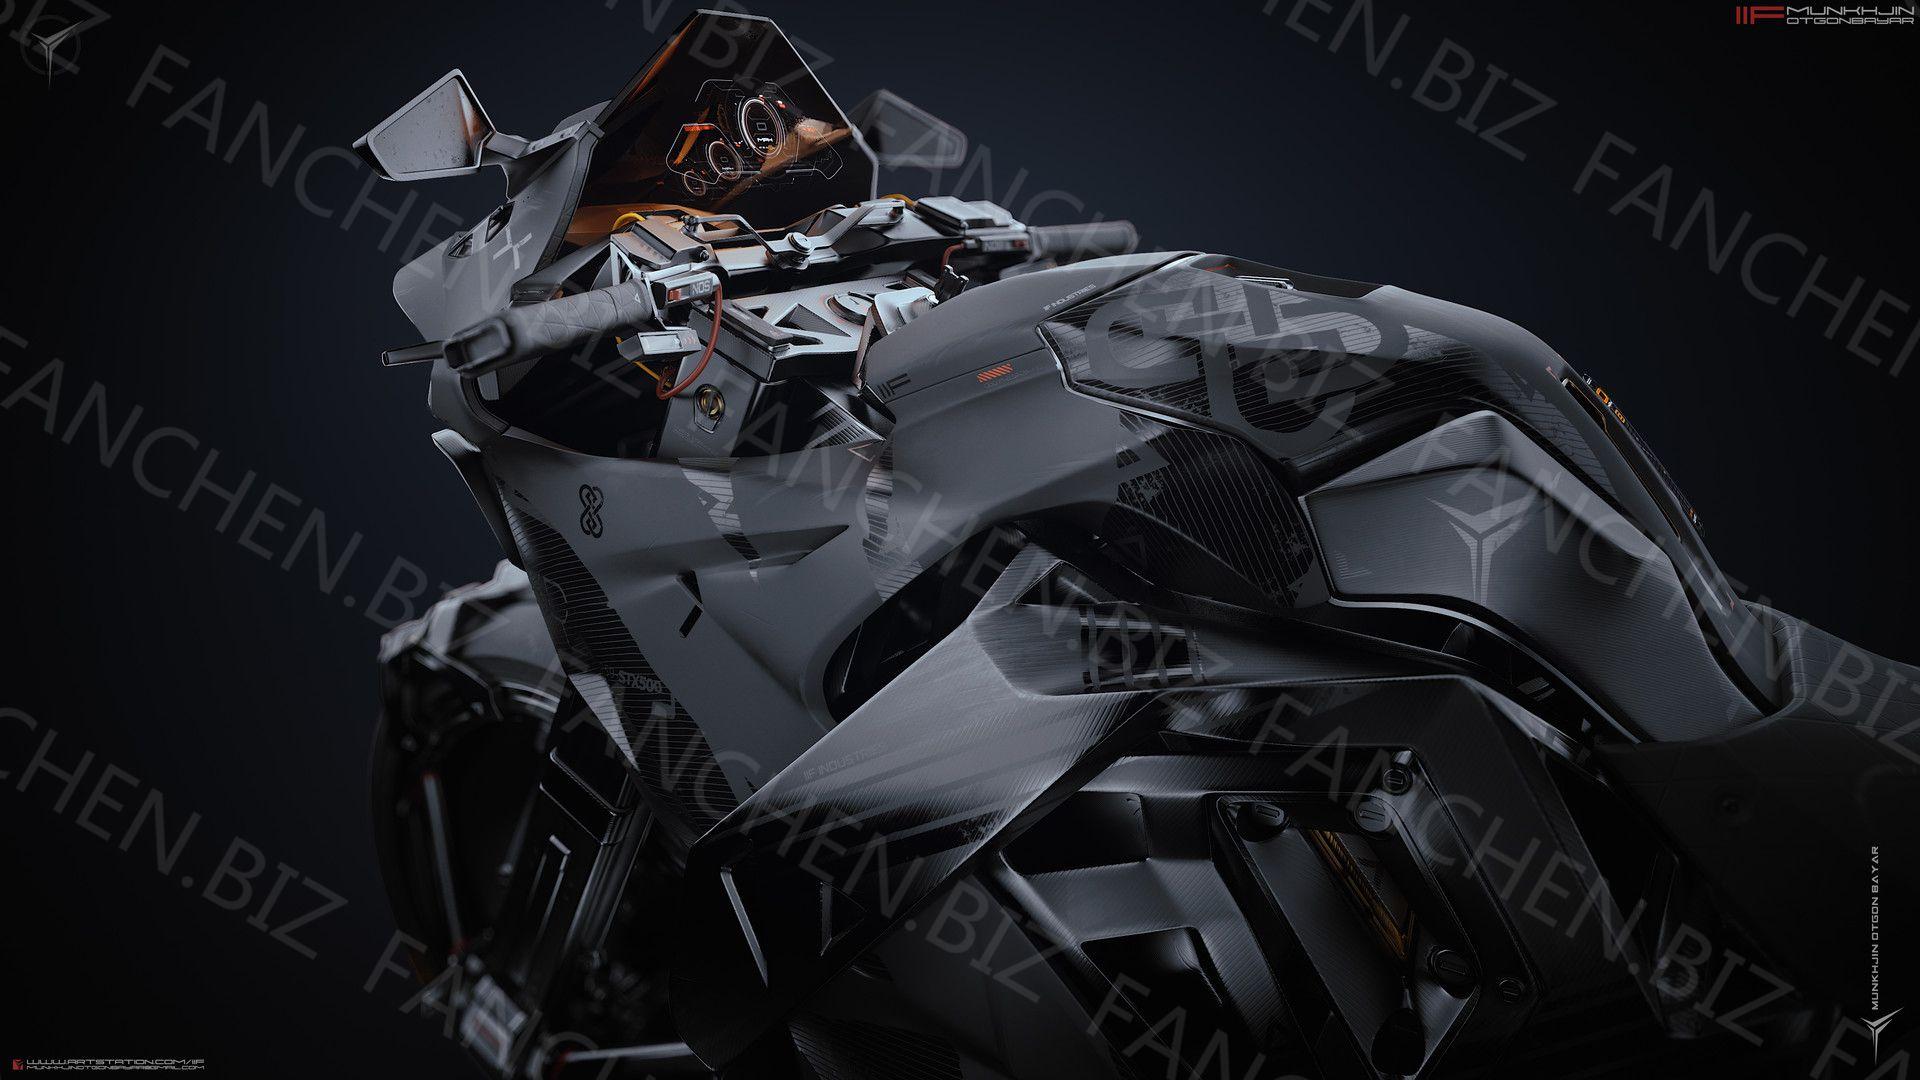 A站画师Munkhjin Otgonbayar 科幻机甲作品合集 516.95M-FANCHENBIZ